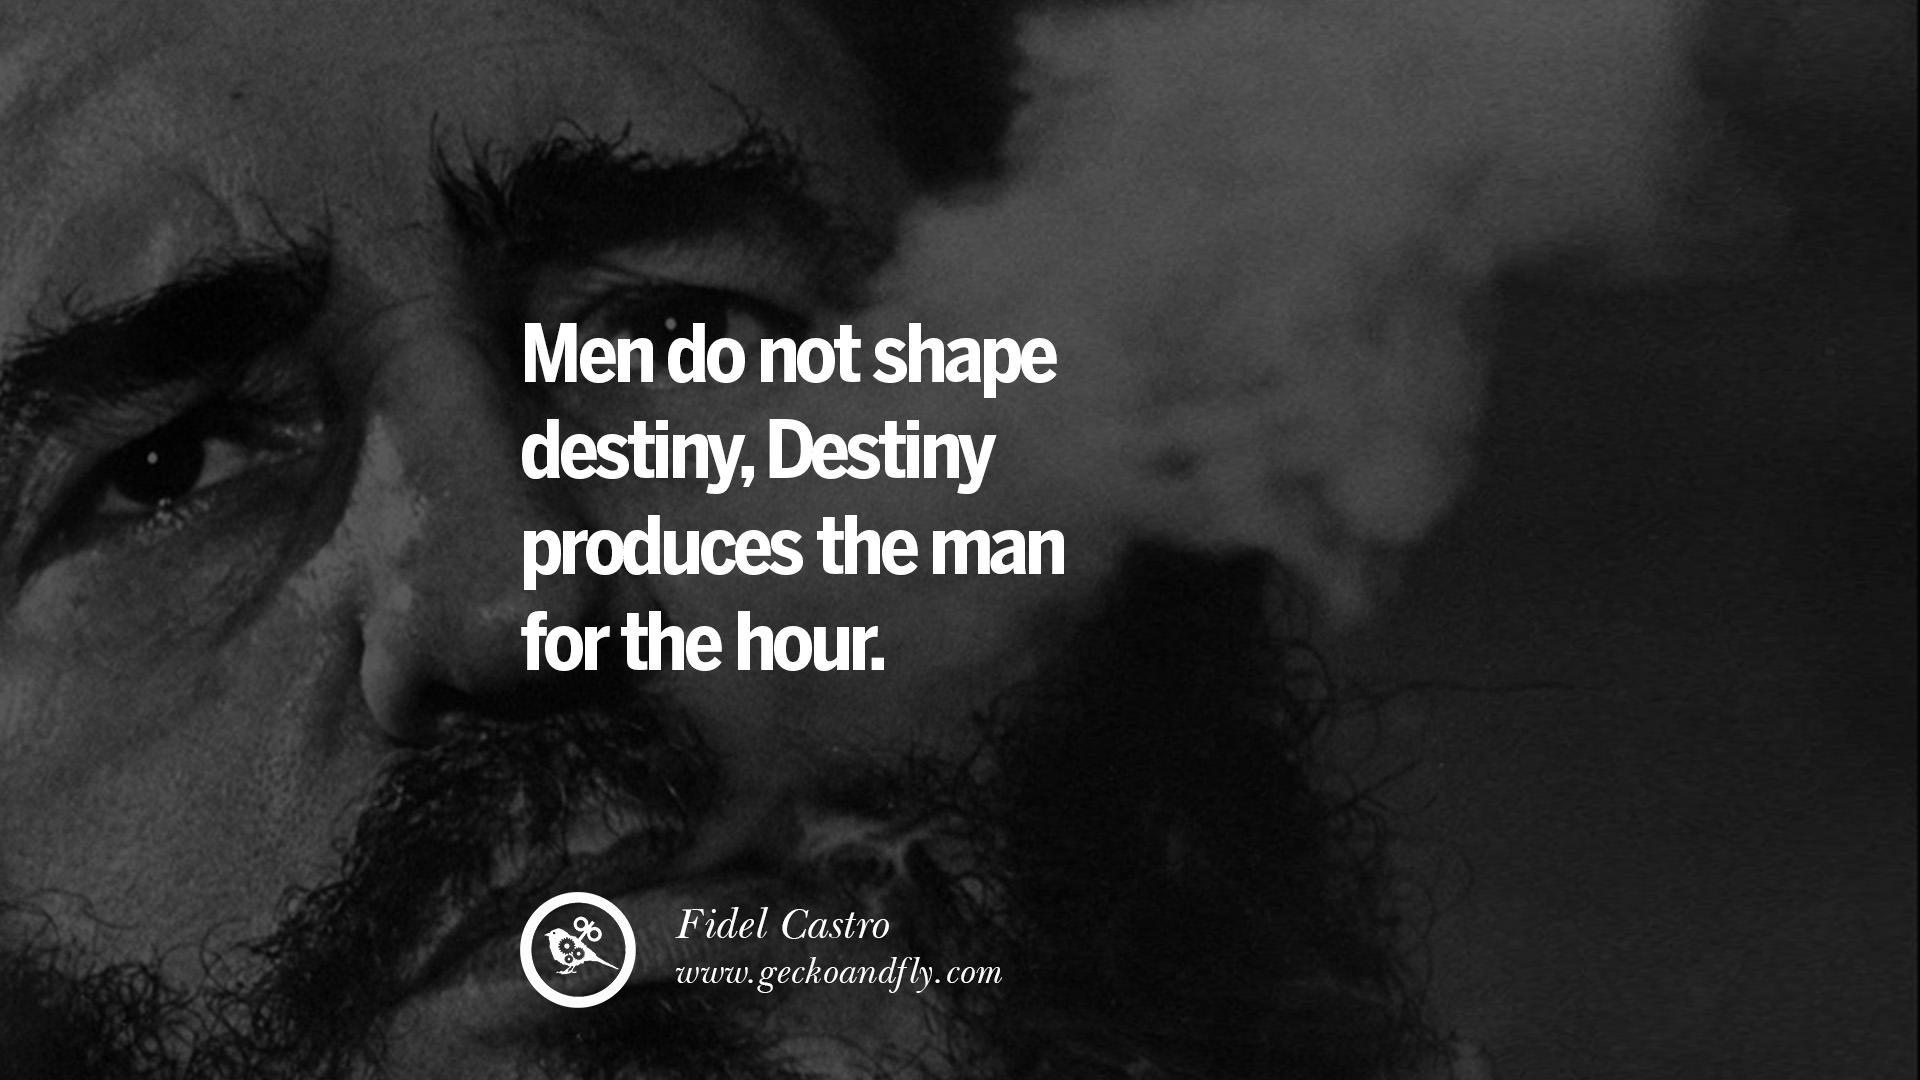 Men do not shape destiny, Destiny produces the man for the hour.